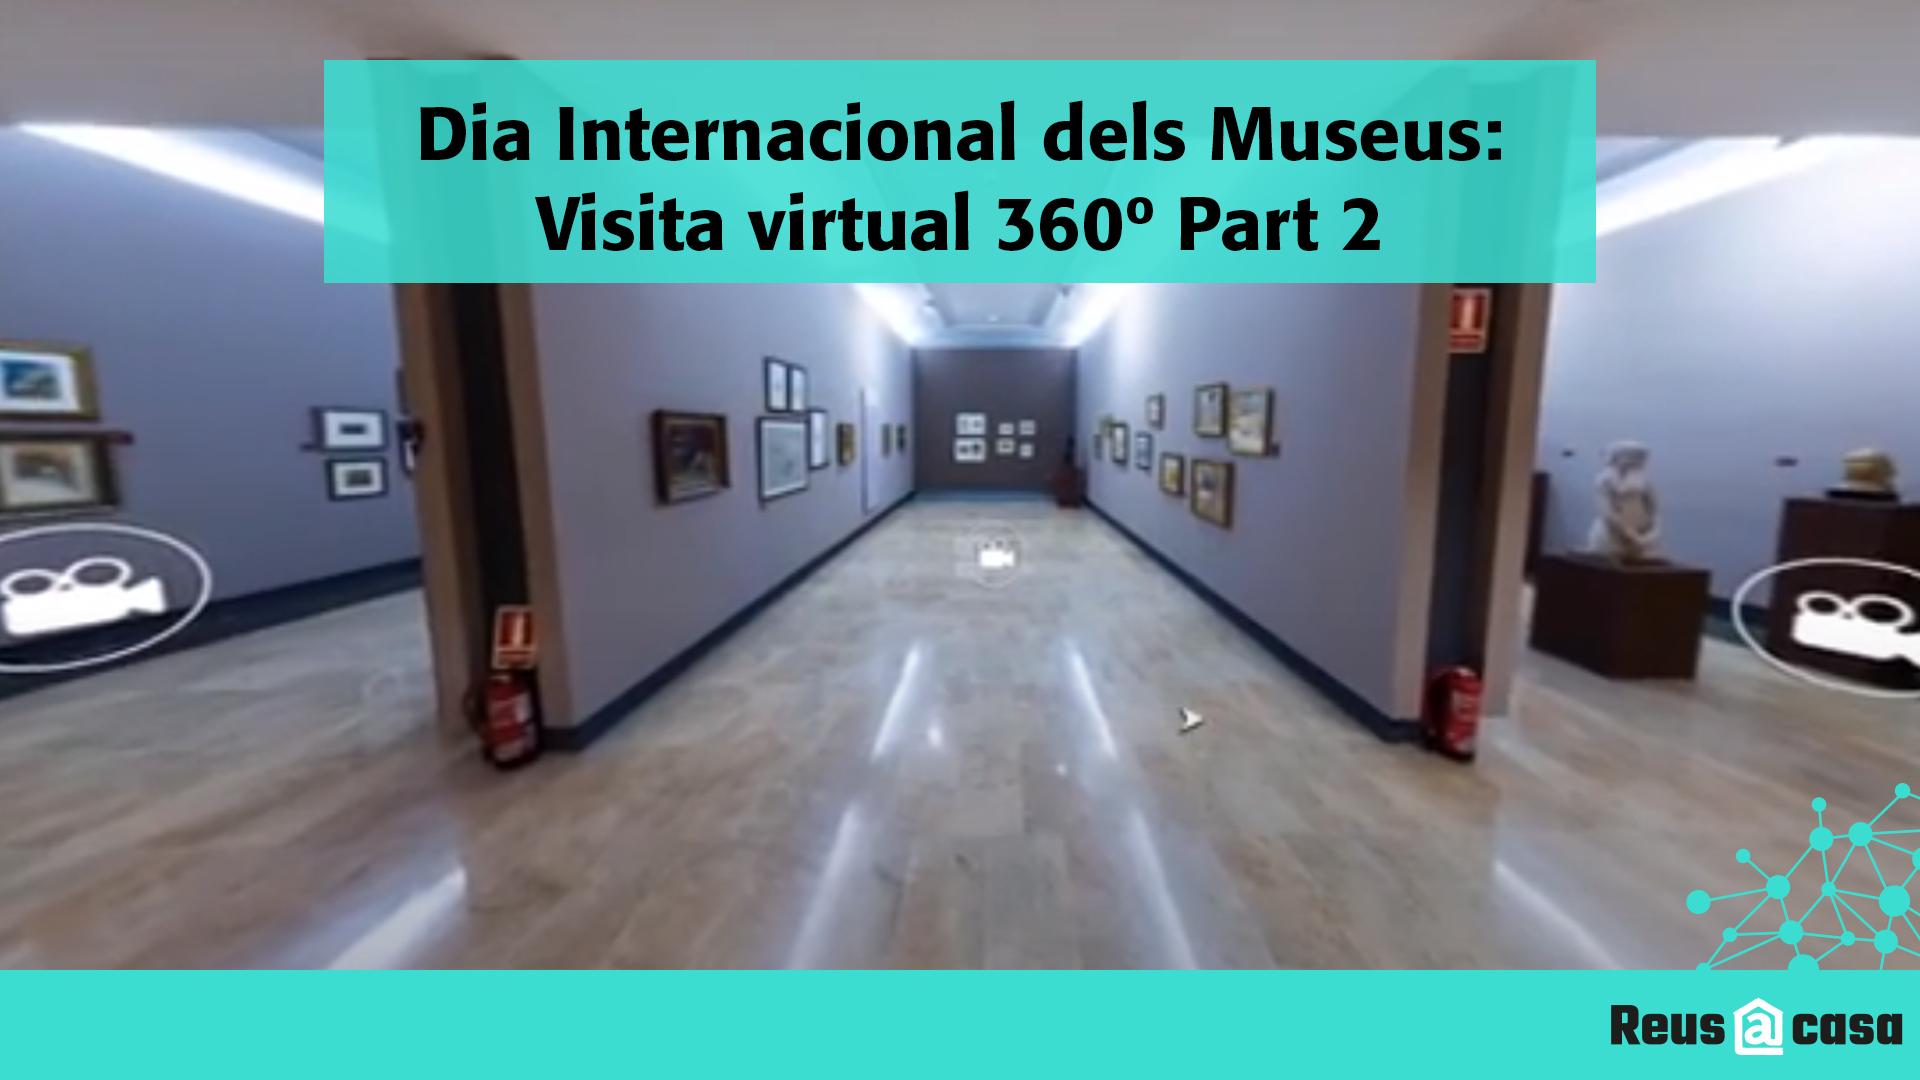 Dia Internacional dels Museus: Visita virtual 360° Museu de Reus  2ª Part